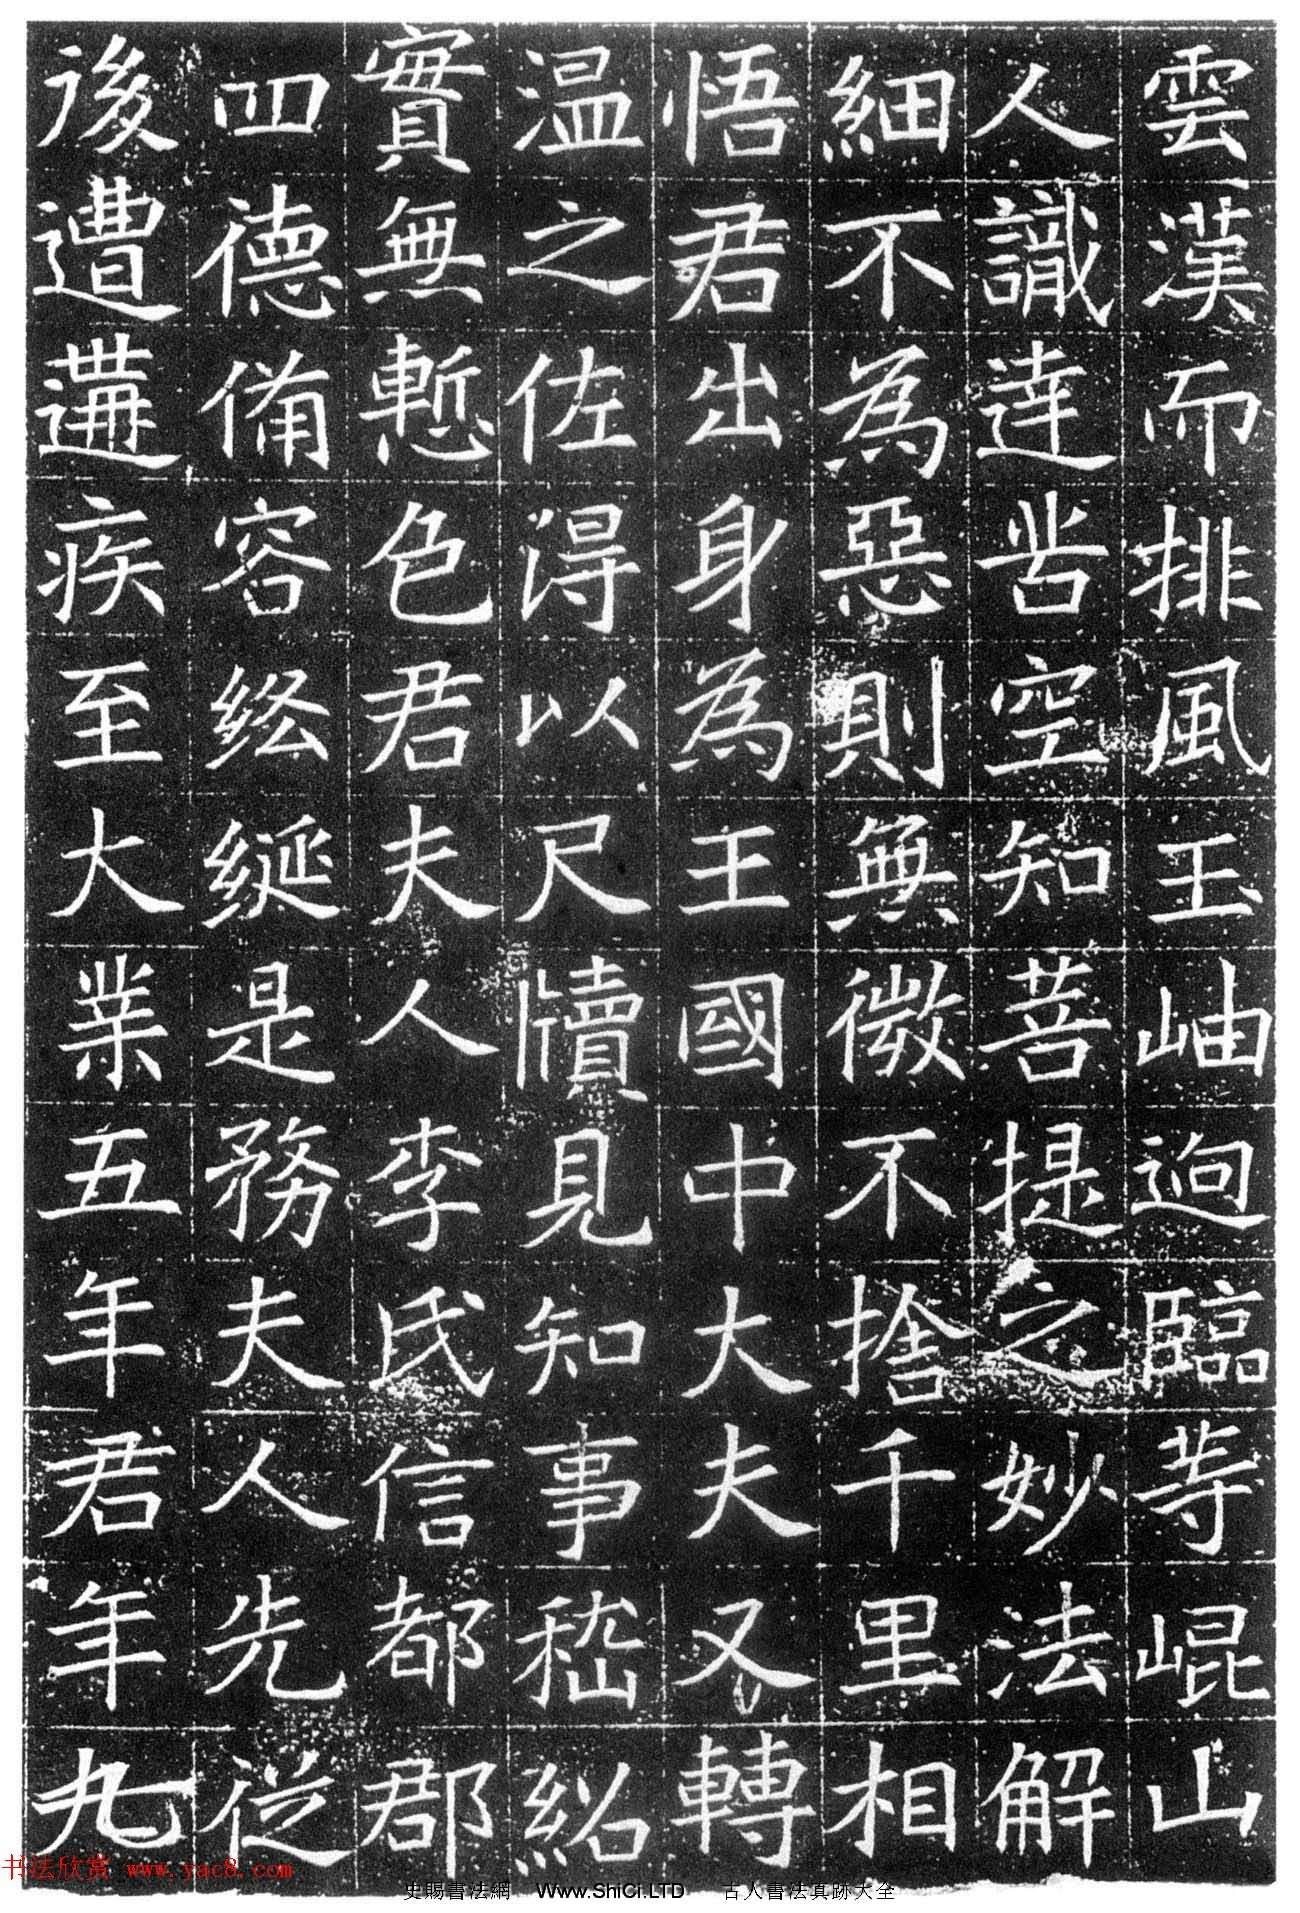 隋代書法石刻欣賞《呂胡墓誌》